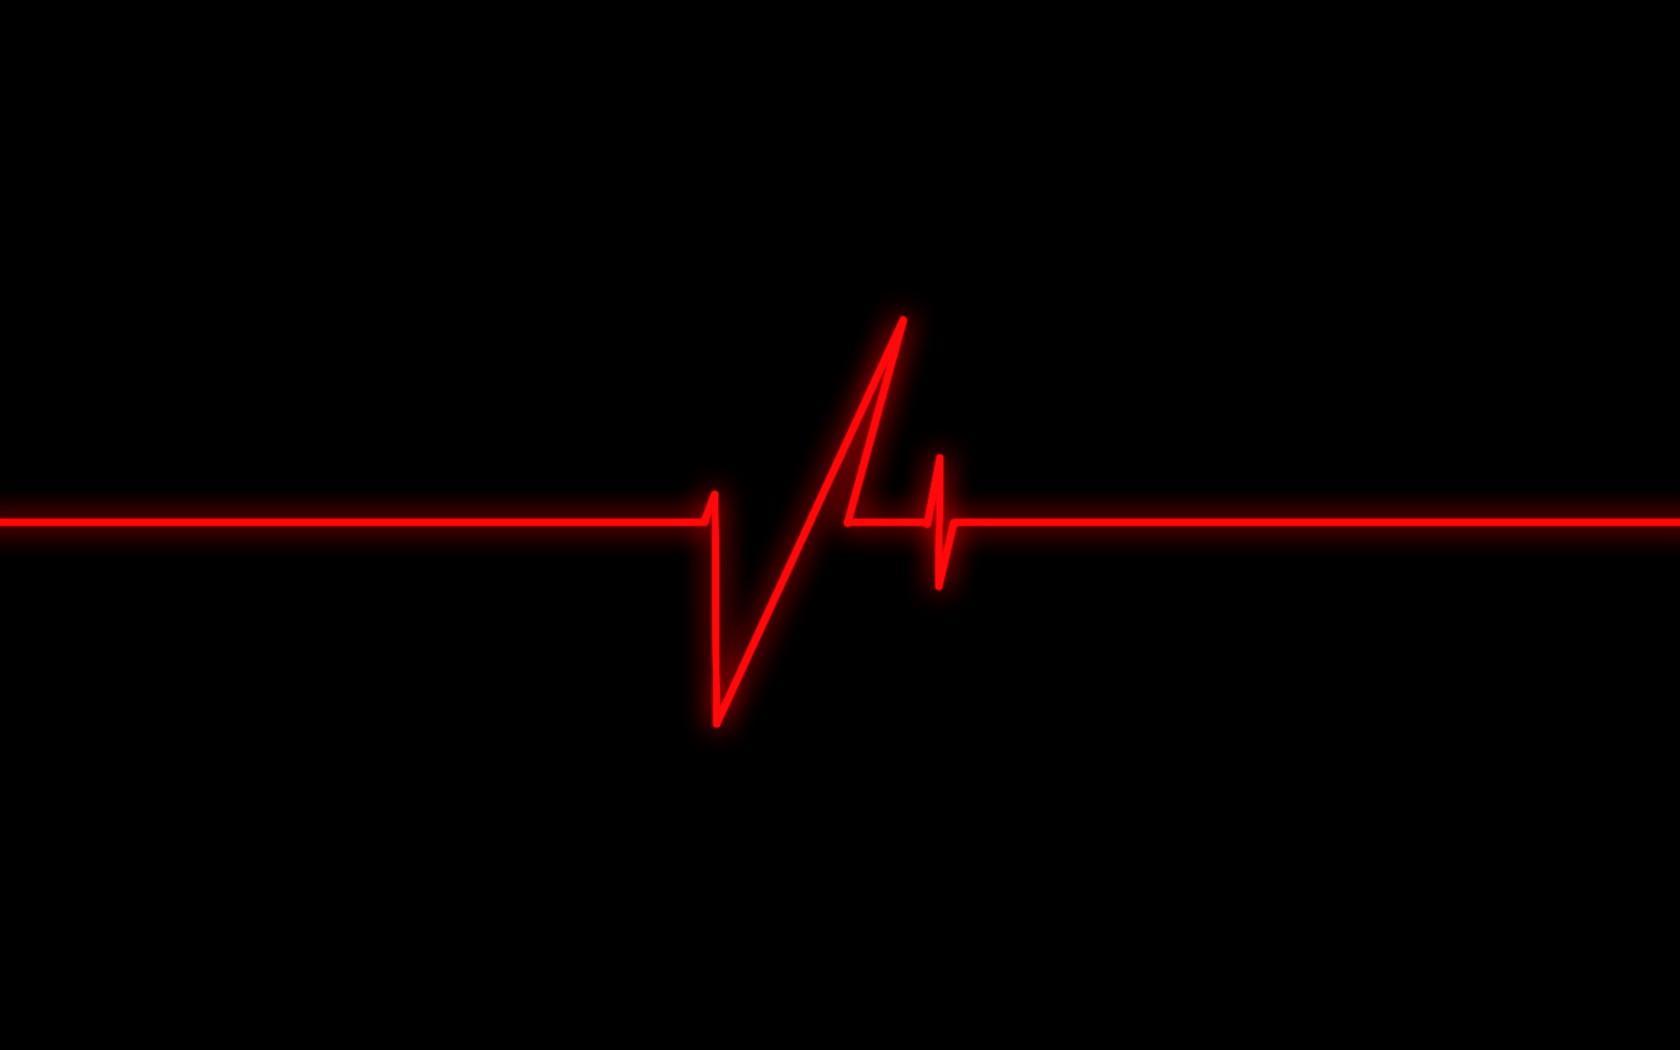 V4 Heartbeat